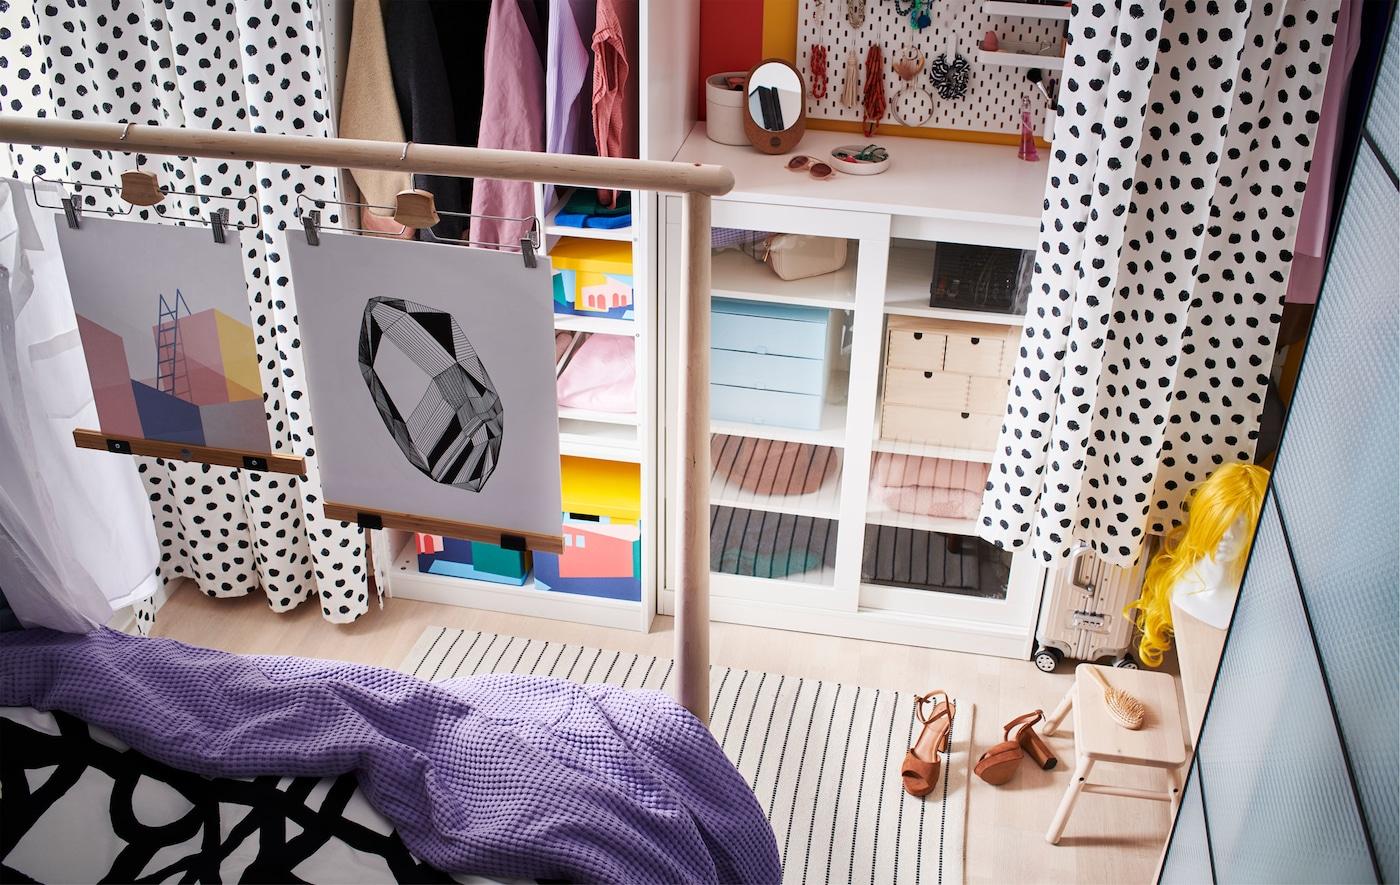 Una combinazione di scaffali e soluzioni a giorno e chiuse lungo una parete e una passerella ricavata tra la tenda e la testiera del letto - IKEA